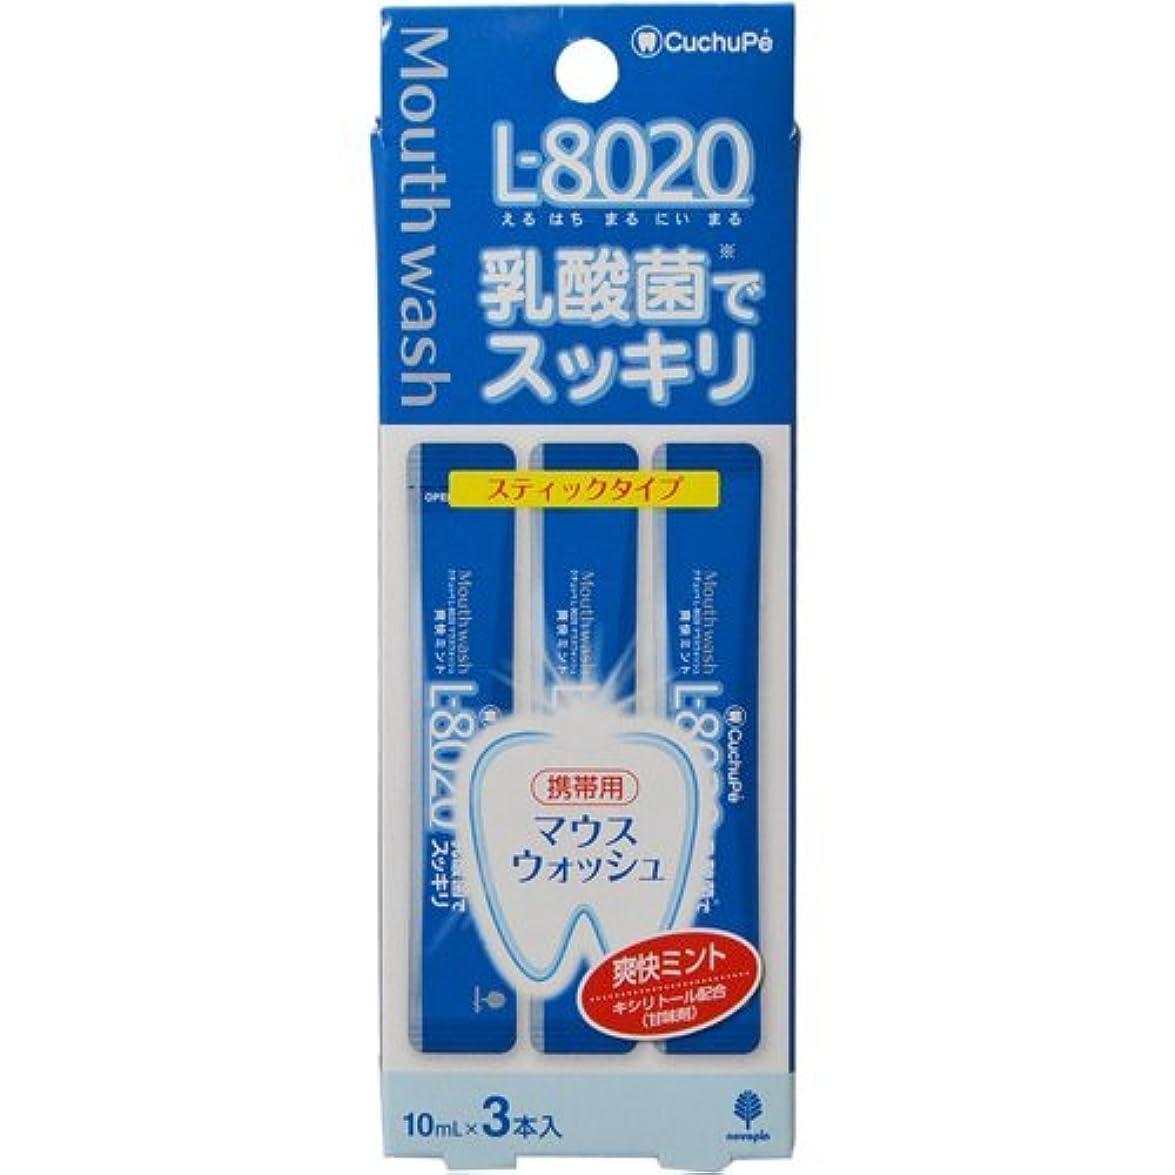 入手します最も遠いエロチッククチュッペL-8020爽快ミントスティックタイプ3本入(アルコール) 【まとめ買い10個セット】 K-7045